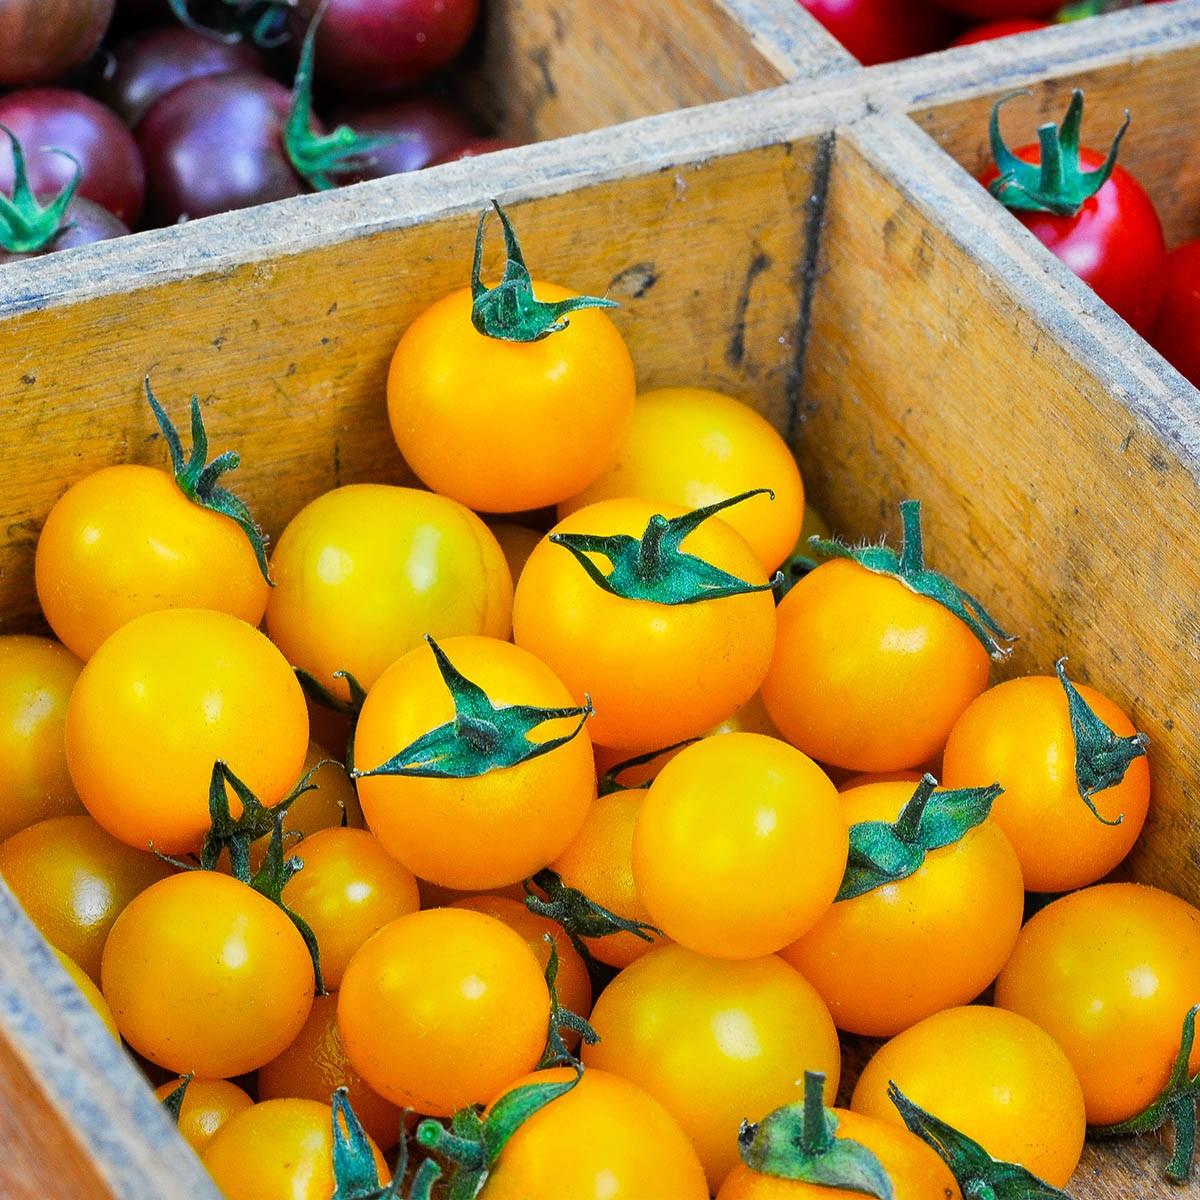 Tomate 'Solena Yellow' (veredelt) gelbe Nektar-Cherrytomate